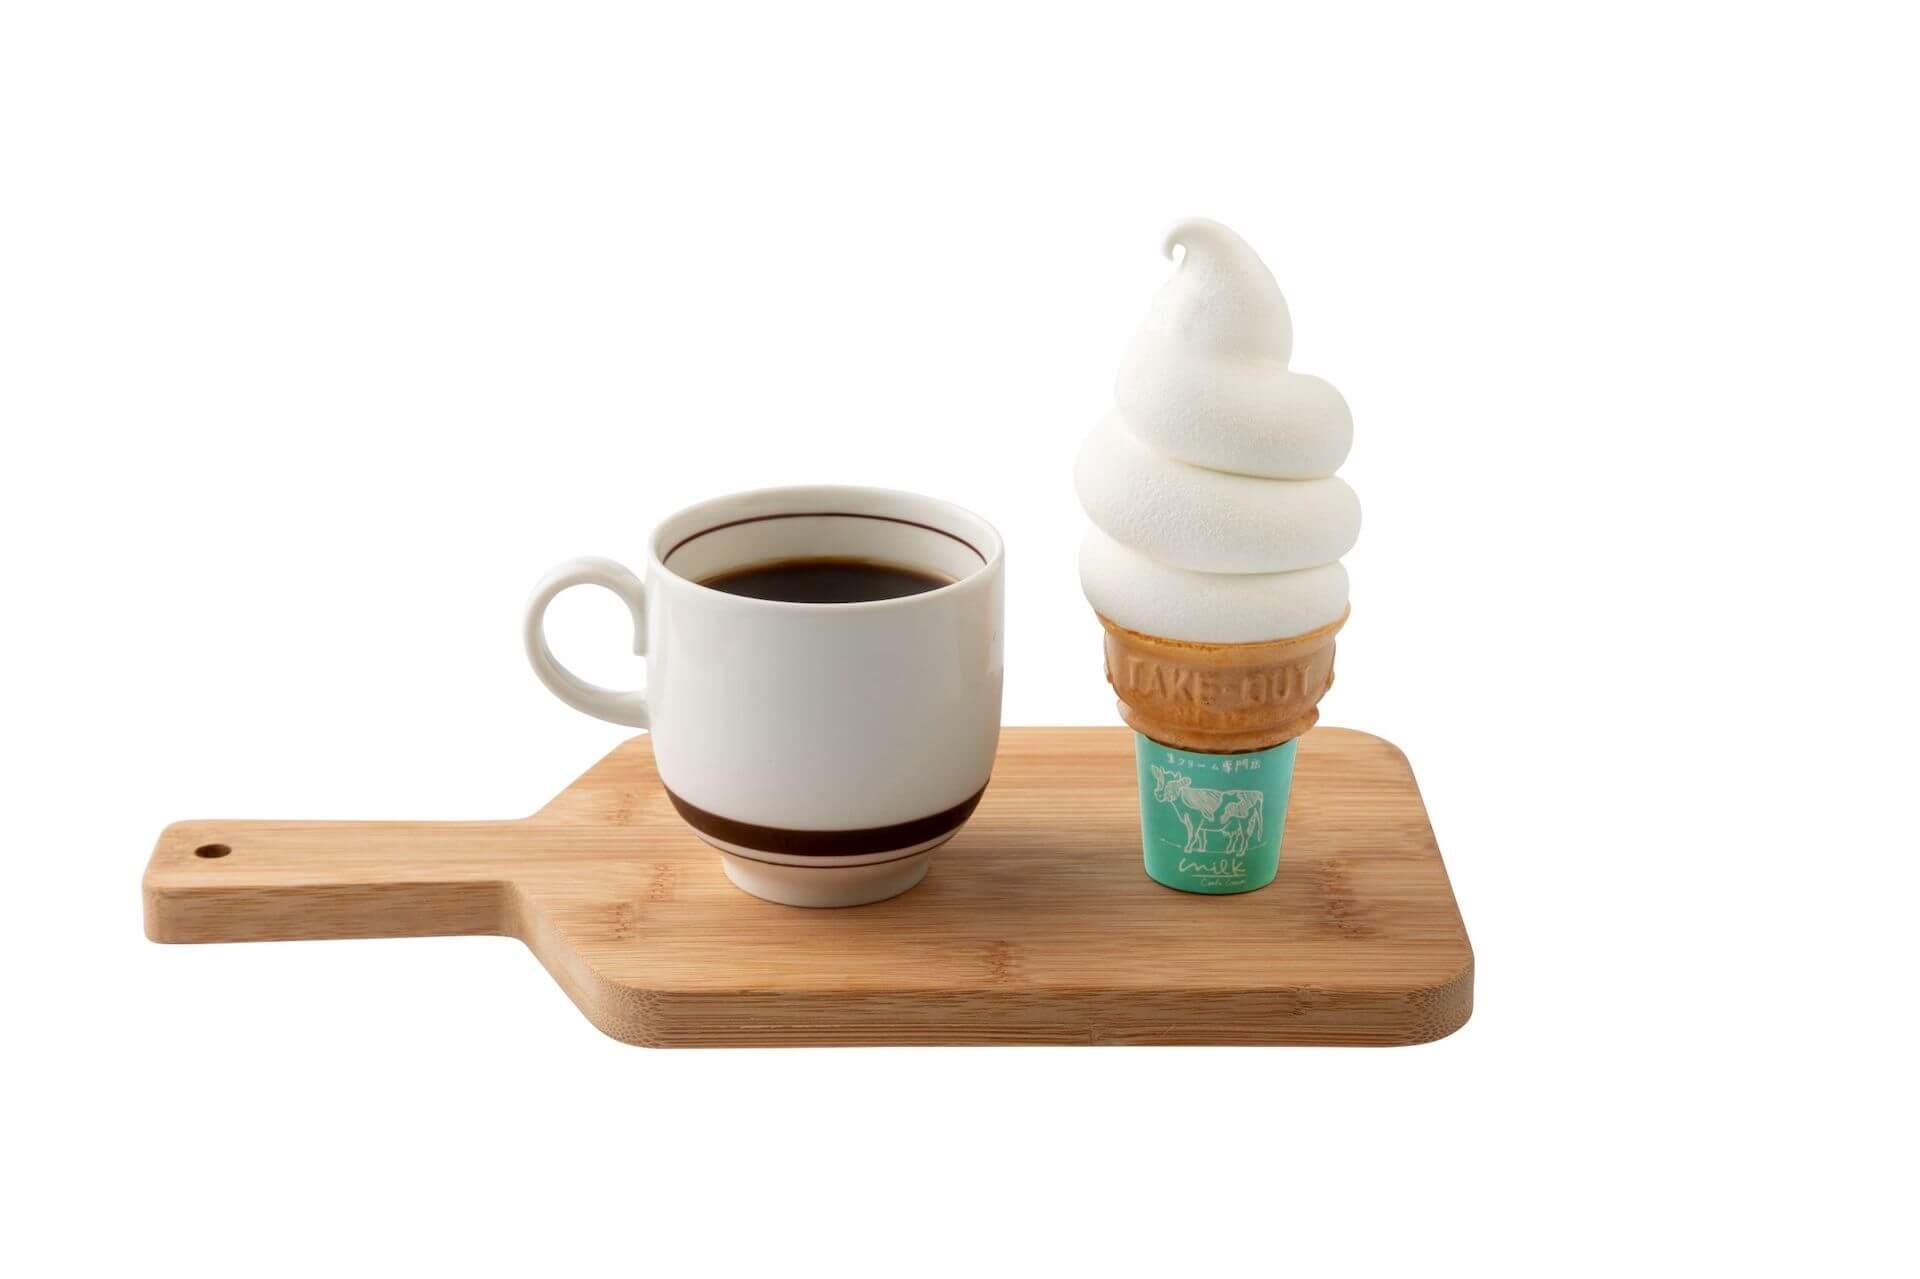 究極の生クリームを楽しもう!「MILK × 横浜スパゲティ」コラボ出店がみなとみらい東急スクエアでスタート gourmet_milk_yokohama_01